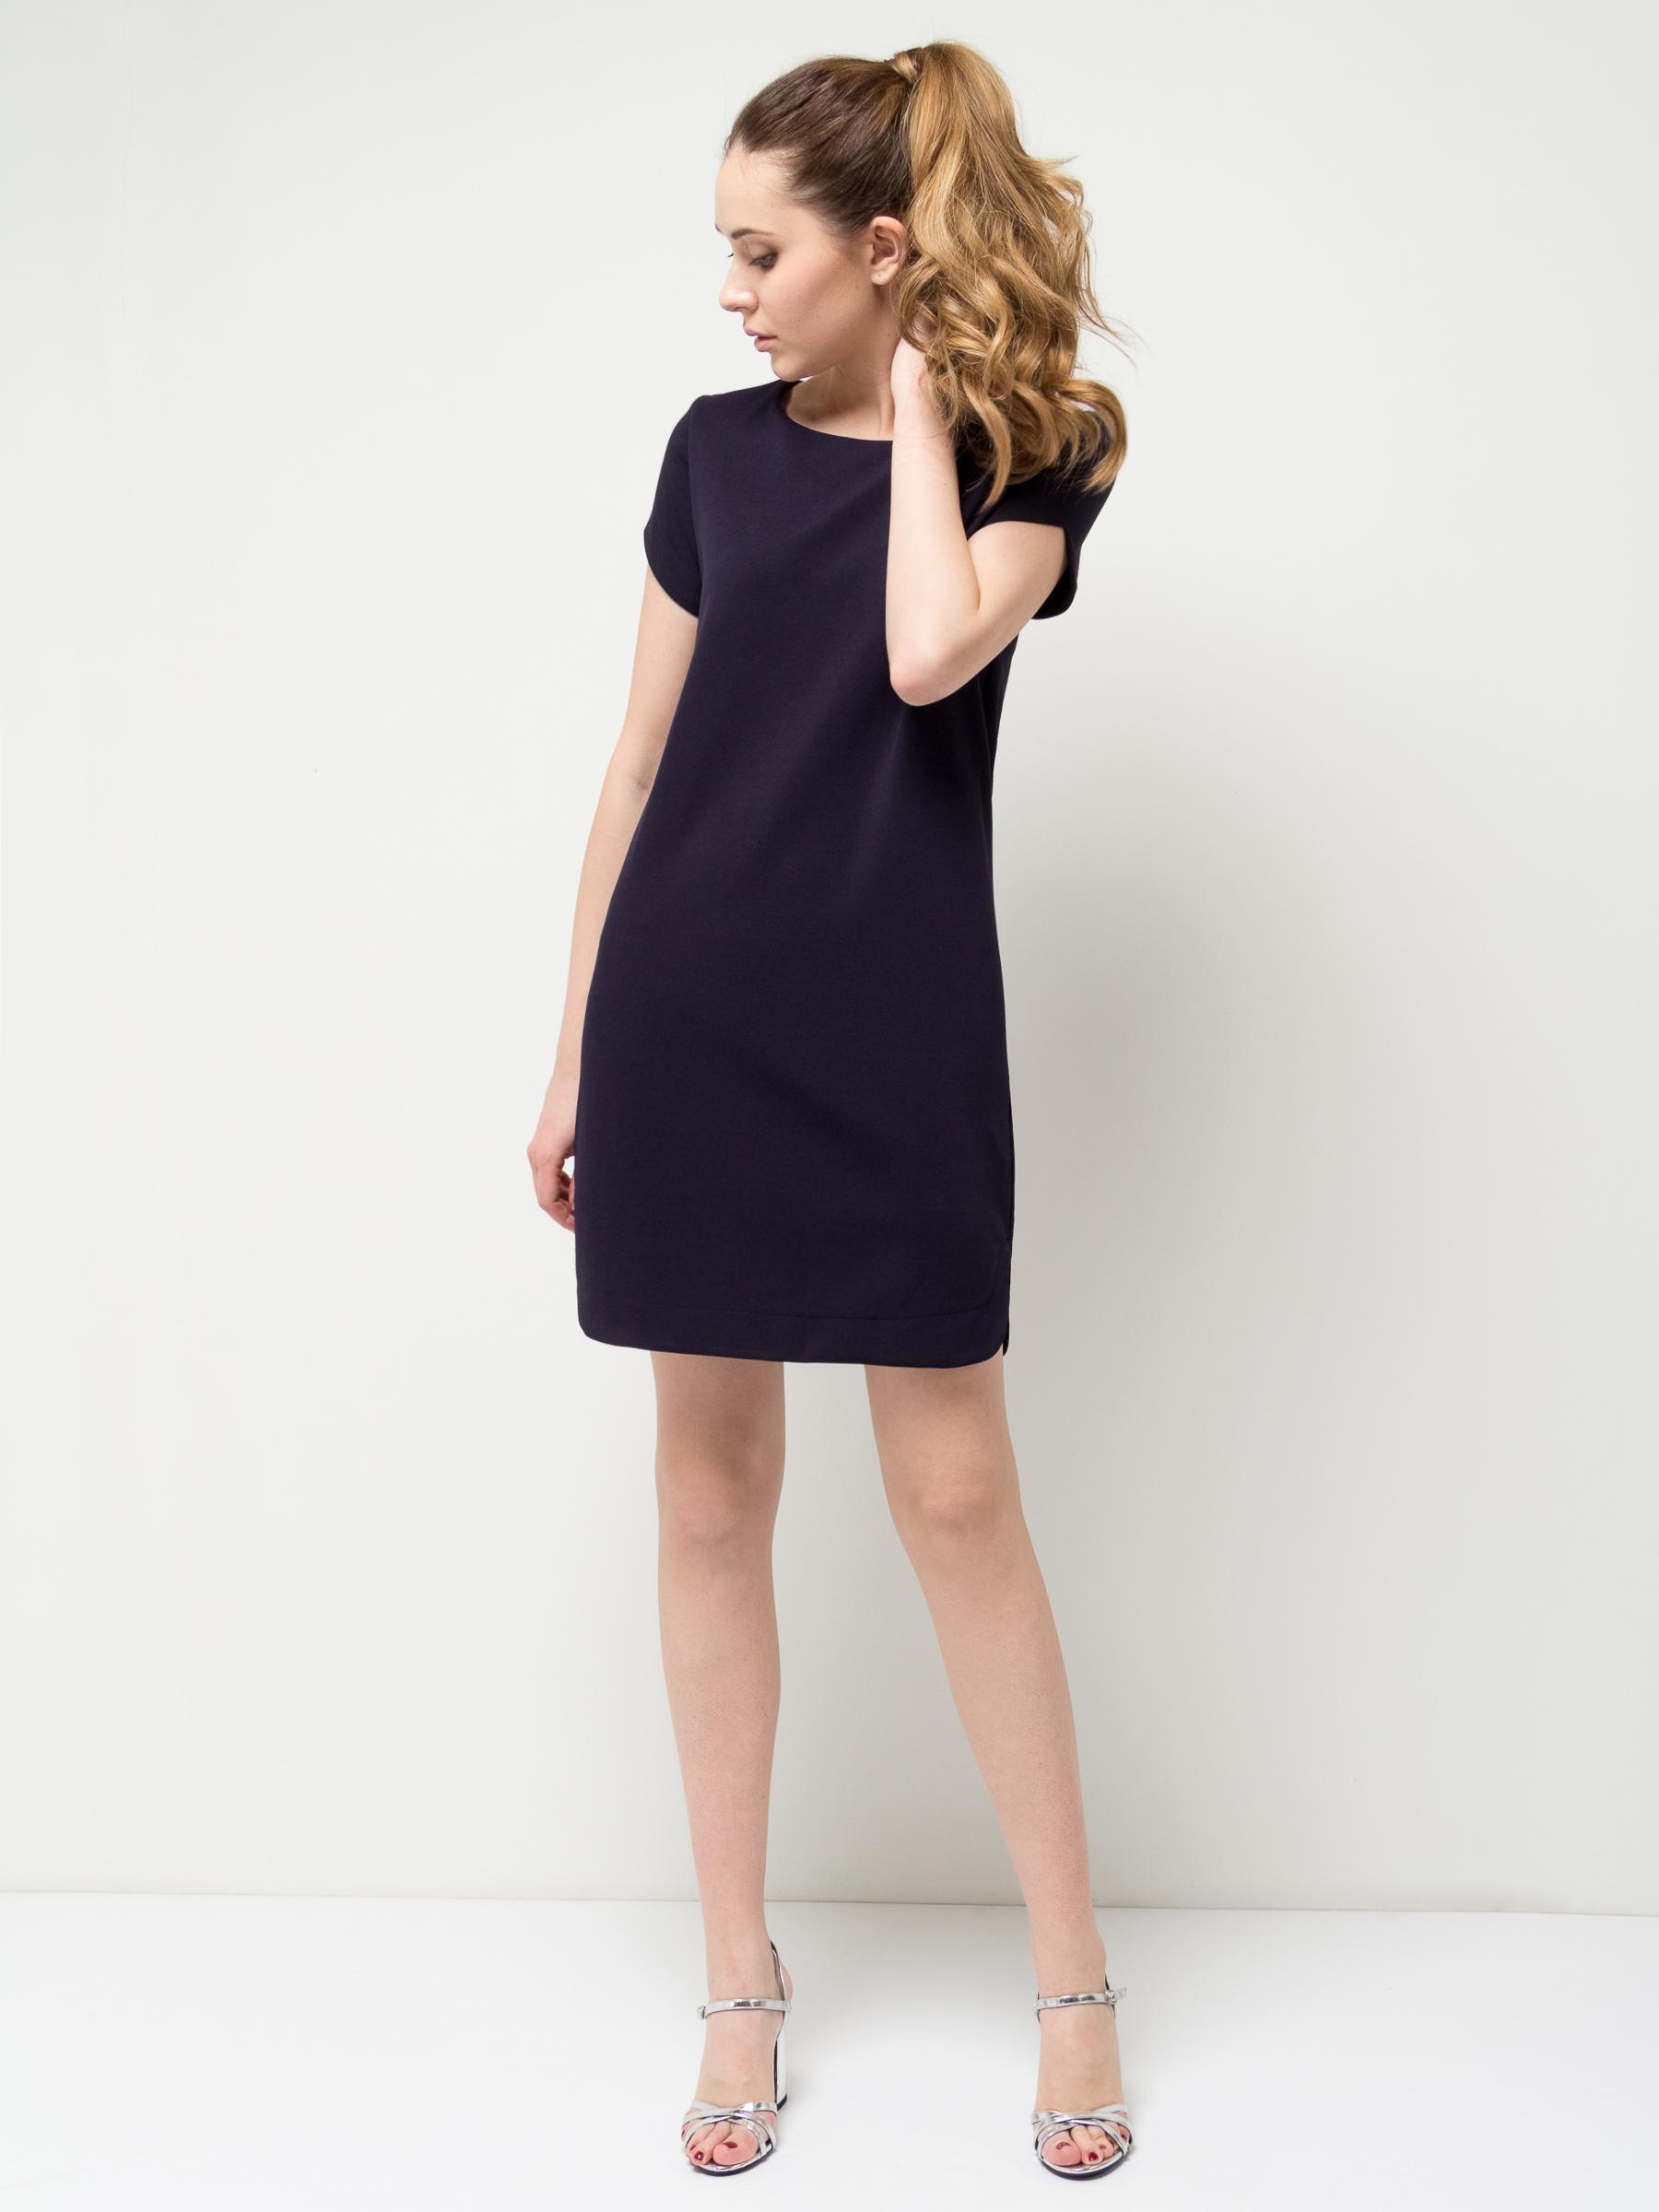 Платье Sela, цвет: черный. Dks-117/1113-7132. Размер M (46)Dks-117/1113-7132Лаконичное женское платье Sela выполнено из качественного плотного трикотажа. Модель прямого кроя с короткими рукавами подойдет для офиса, прогулок и дружеских встреч и станет отличным дополнением гардероба. Мягкая ткань на основе полиэстера и эластана комфортна и приятна на ощупь и хорошо тянется.